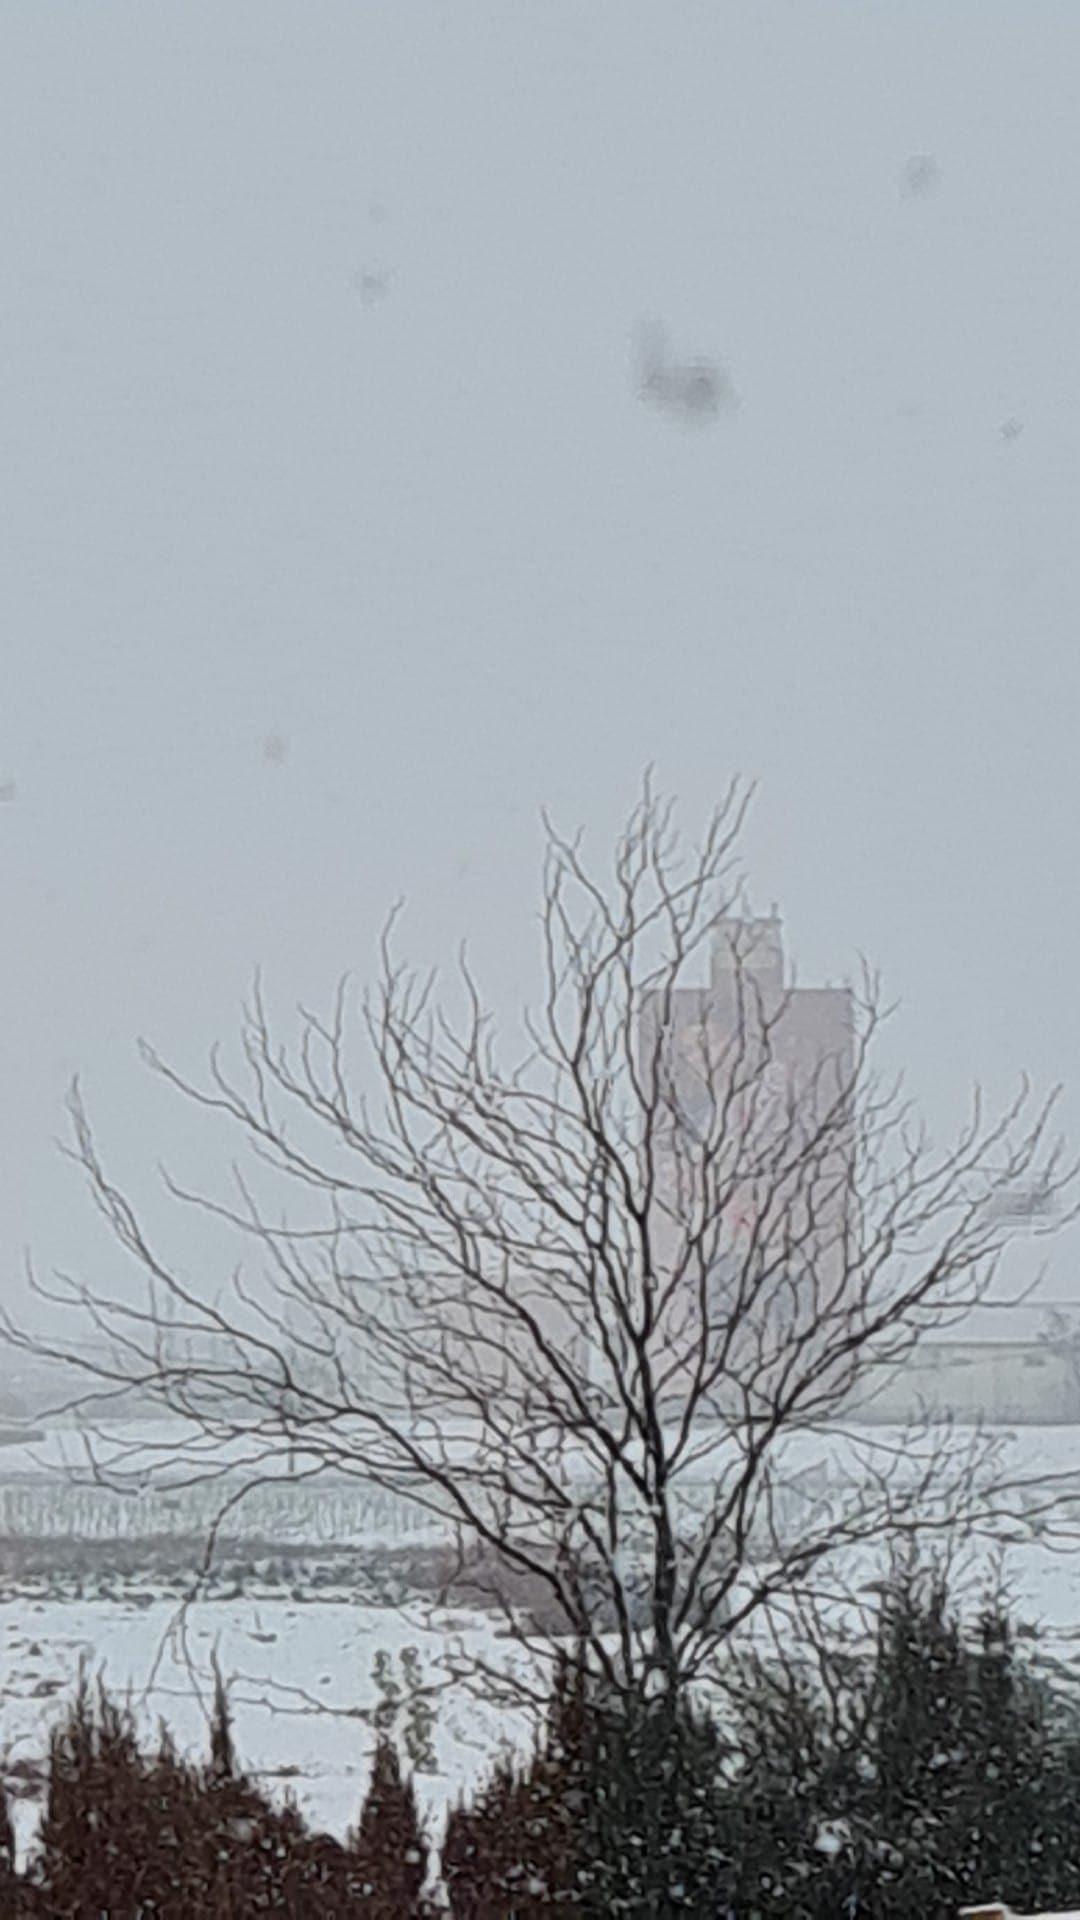 Las nevadas llegan Herencia y a toda Castilla-La Mancha (actualizado) 89